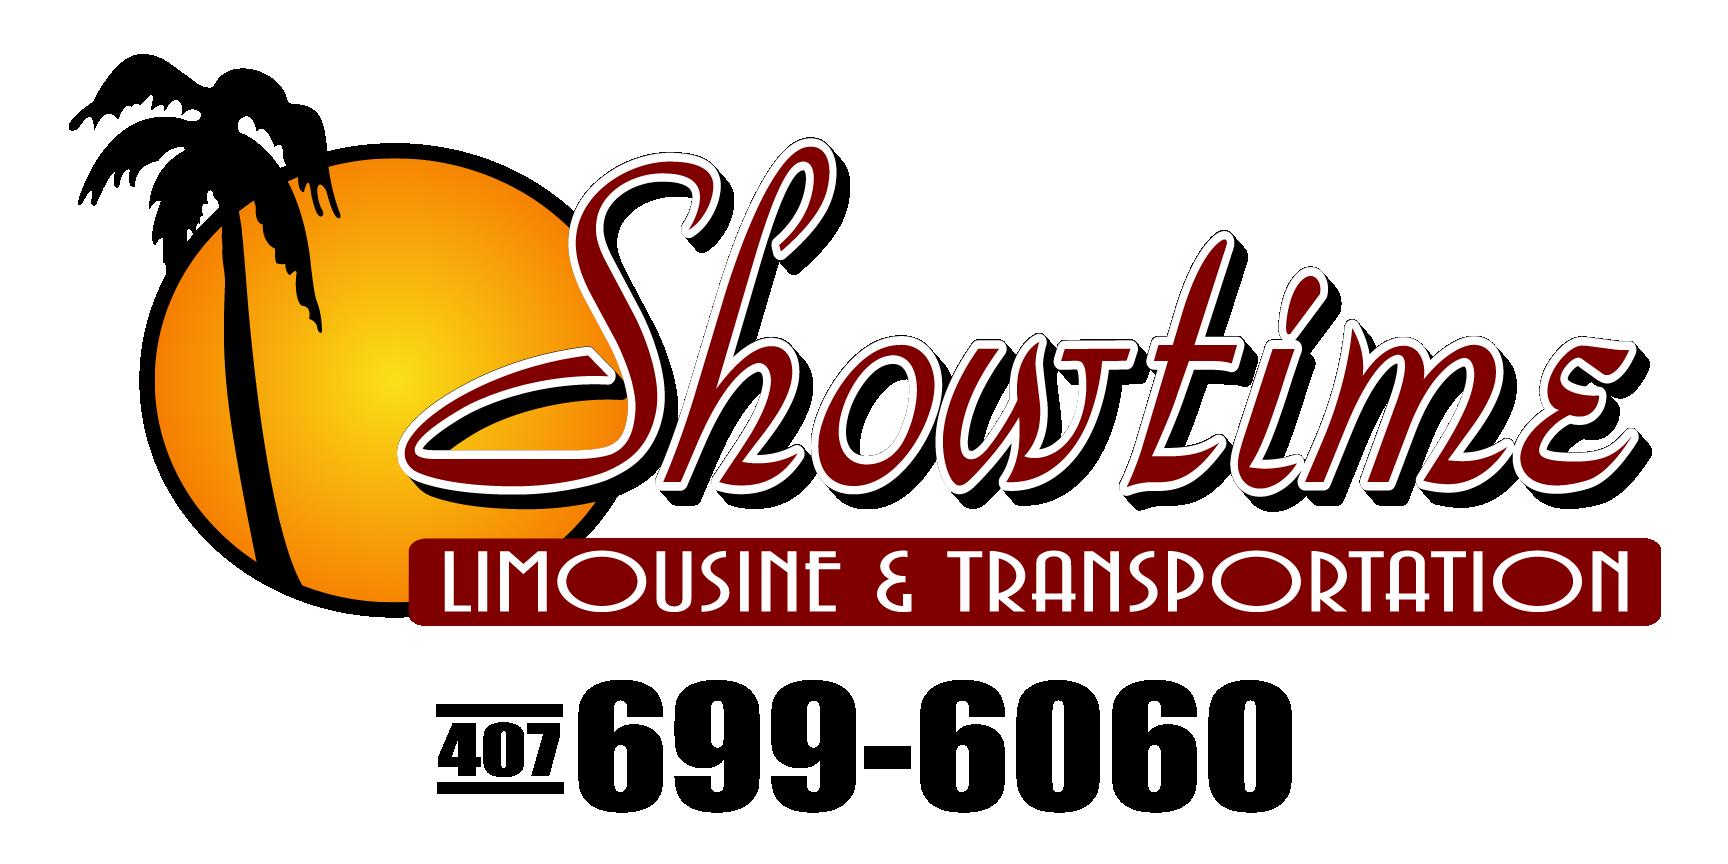 A-Showtime Limousine Svc logo